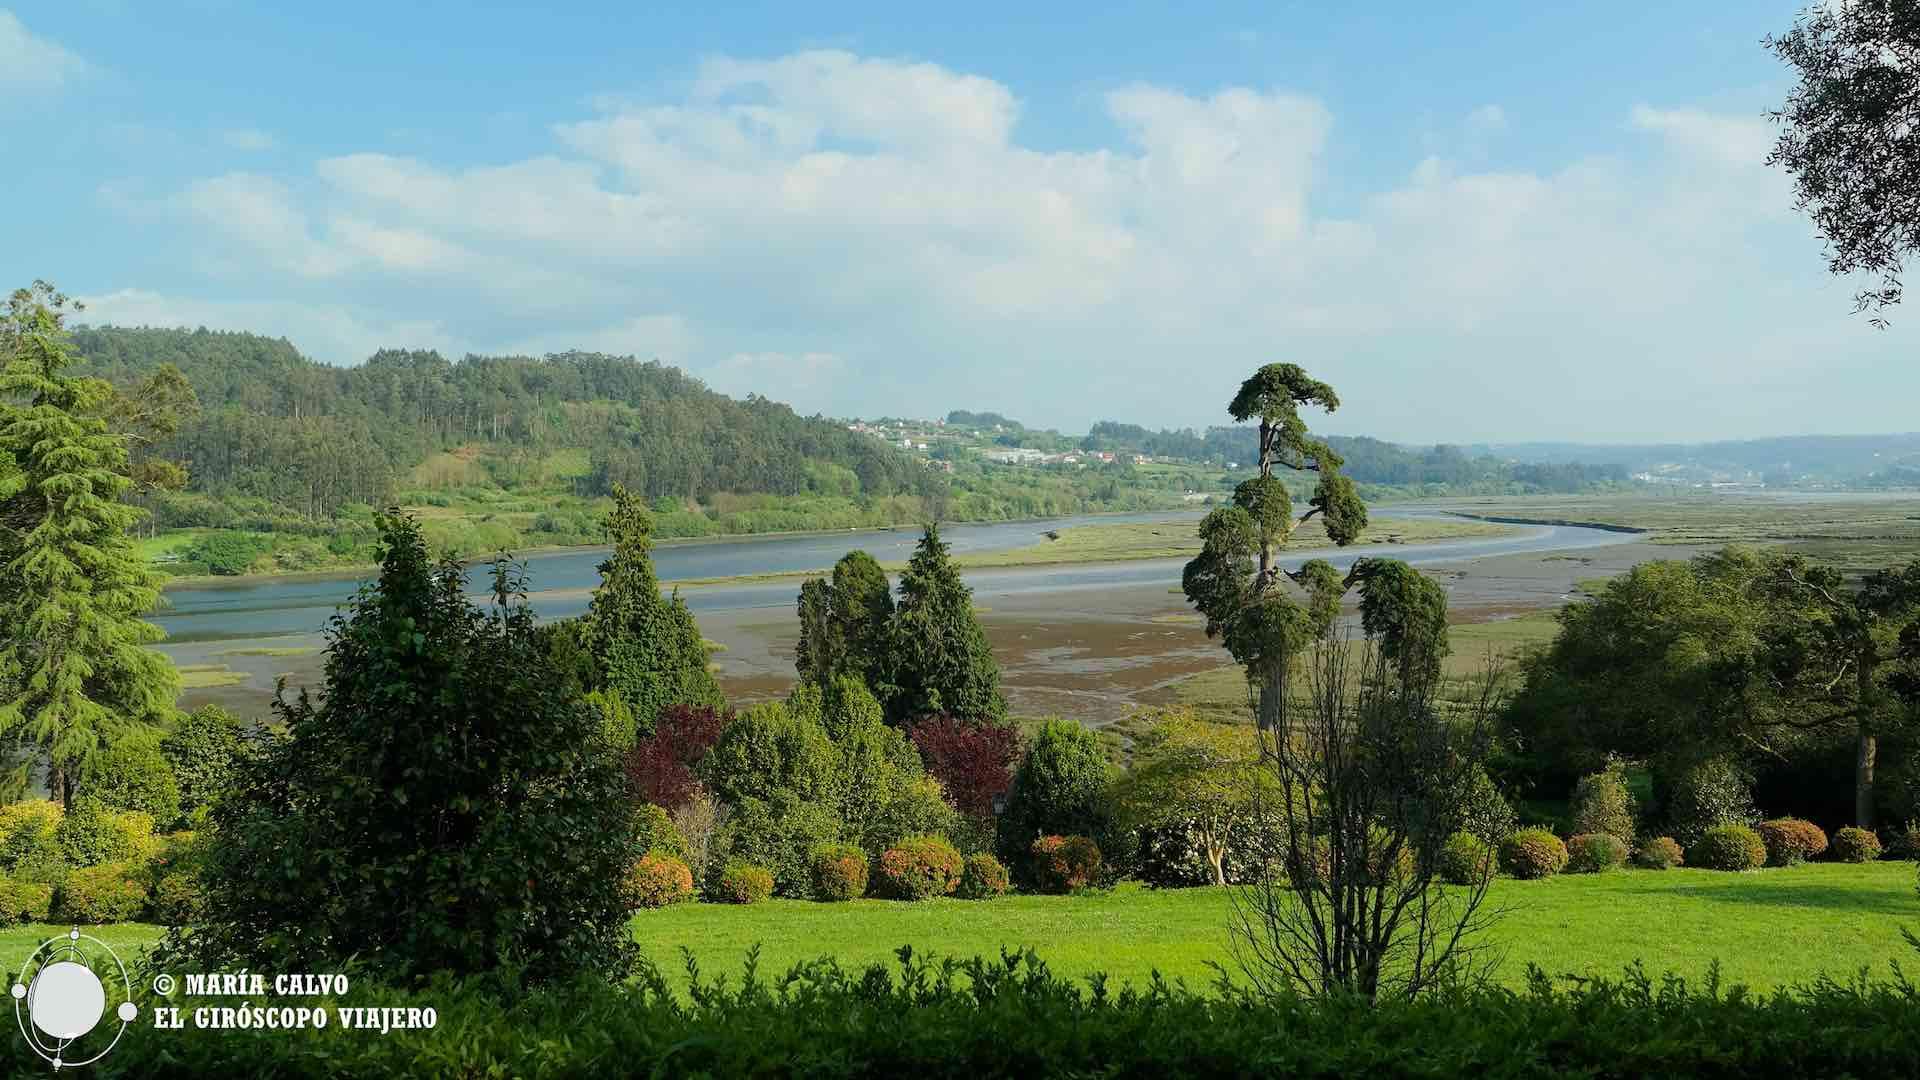 Las marismas de la ría de Betanzos que se adentra a las tierras del interior de Galicia para convertirse en el río Mandeo